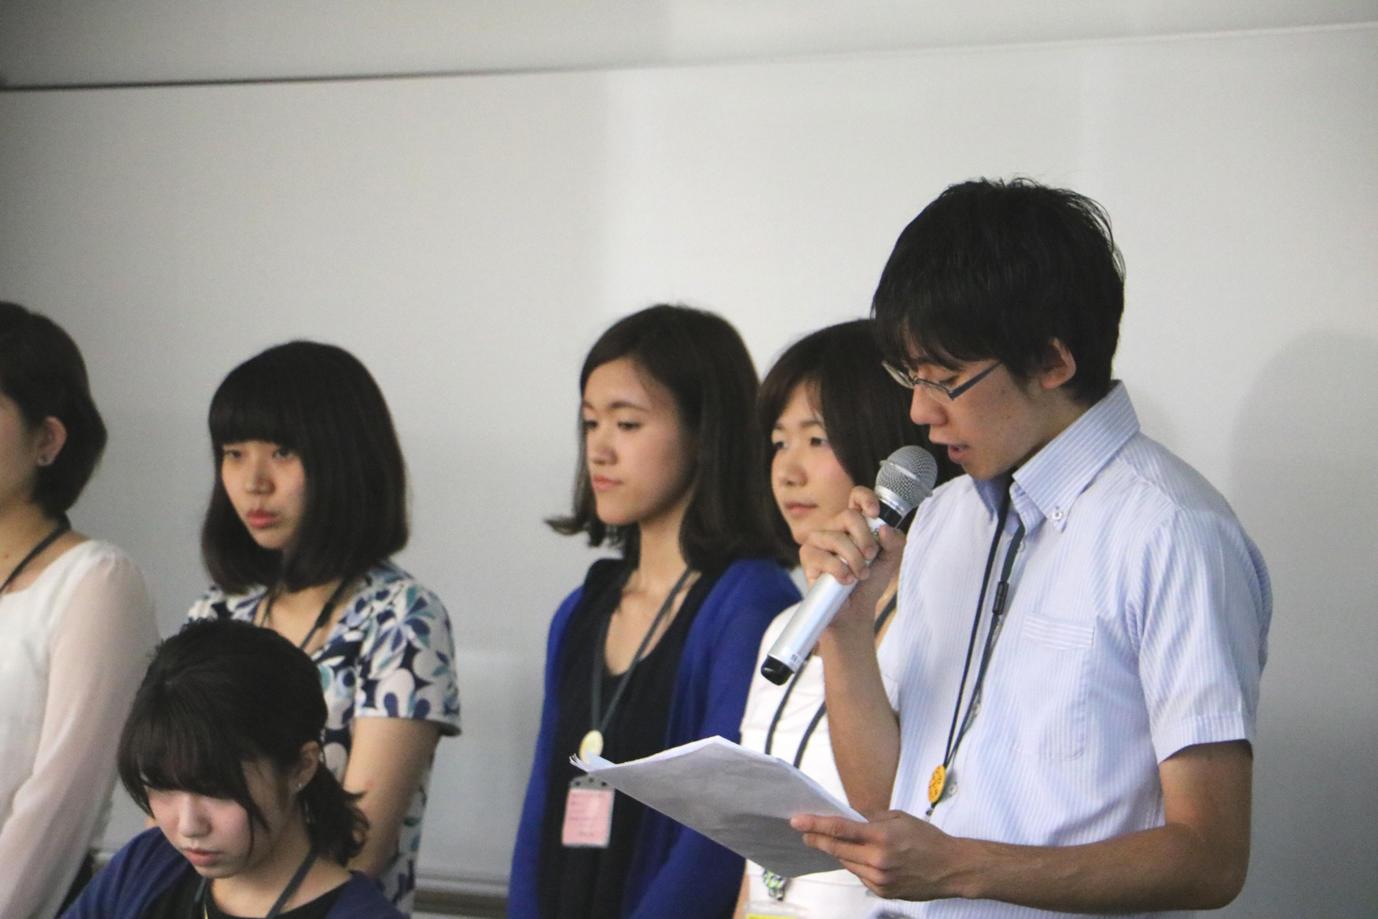 【武蔵大学】7/14(土)三学部横断型ゼミナール・プロジェクト2018最終報告会  -- 企業のCSR報告書を作成し、発表 --